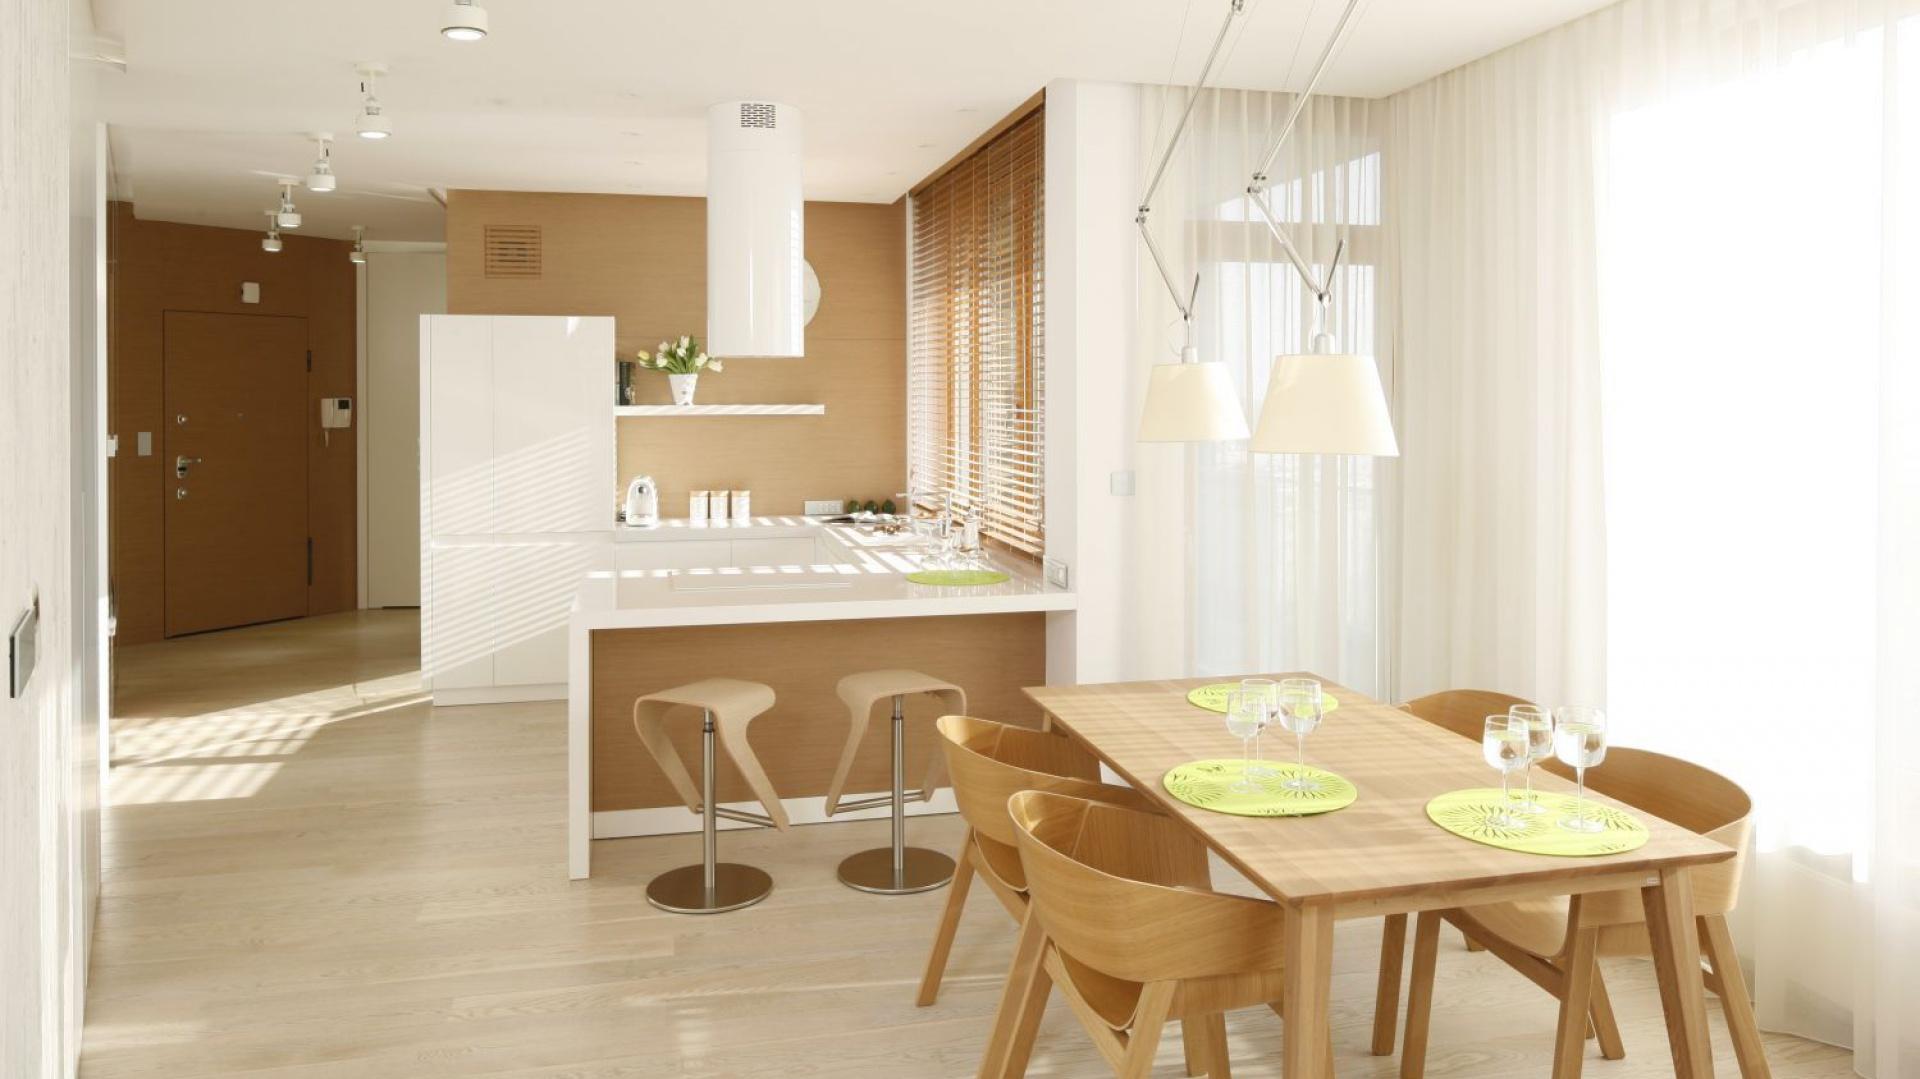 Minimalistyczna, nowoczesna kuchnia, w której panuje ciepły kolor drewna, przełamany śnieżną bielą. Projekt: Maciej Brzostek. Fot. Bartosz Jarosz.